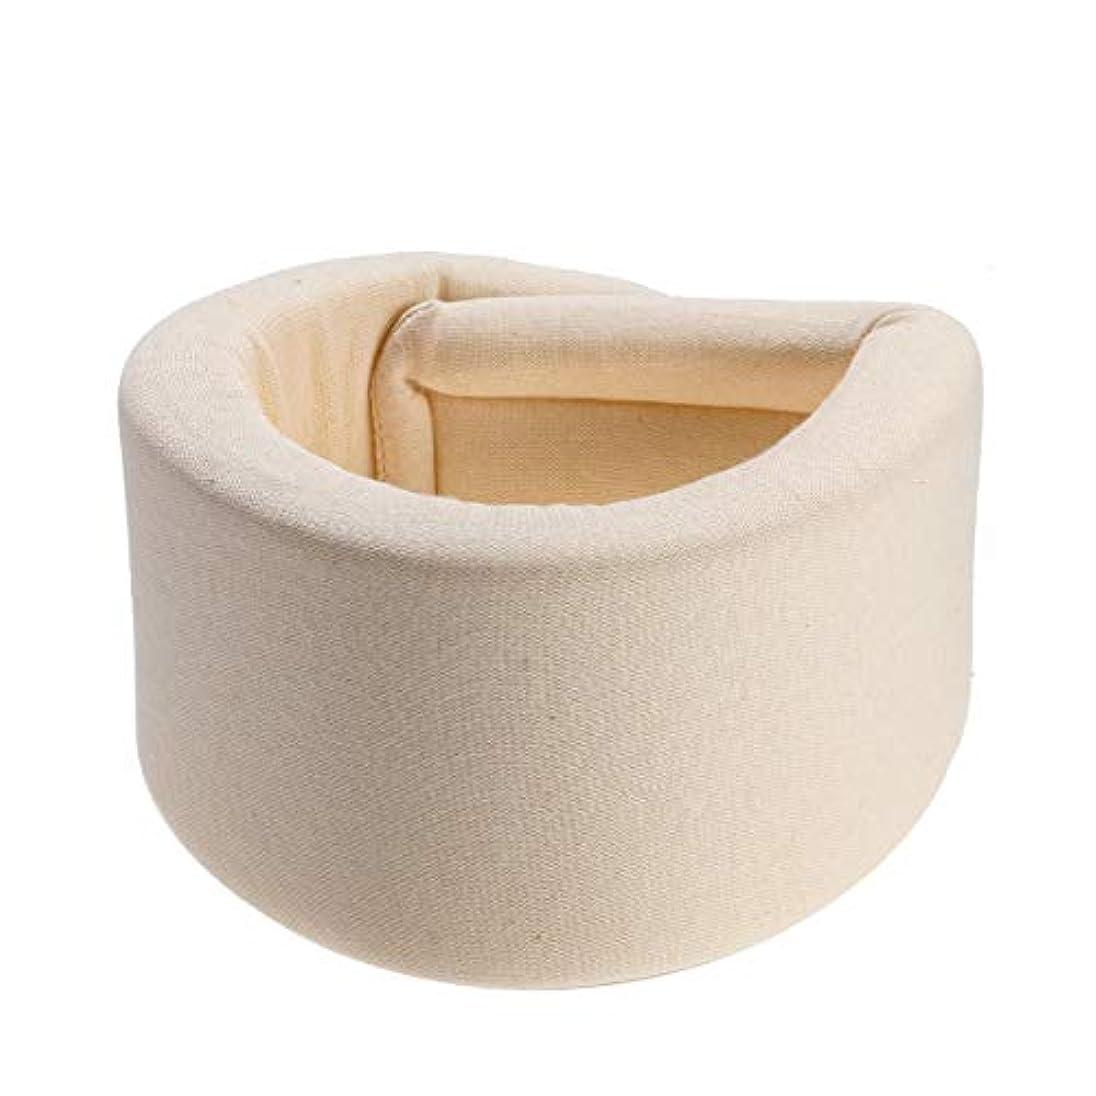 大邸宅インセンティブ櫛HEALLILY 首装具サポートスポンジ頸部襟首の痛みを防ぐネックケア姿勢矯正器具(ベージュ) - サイズM